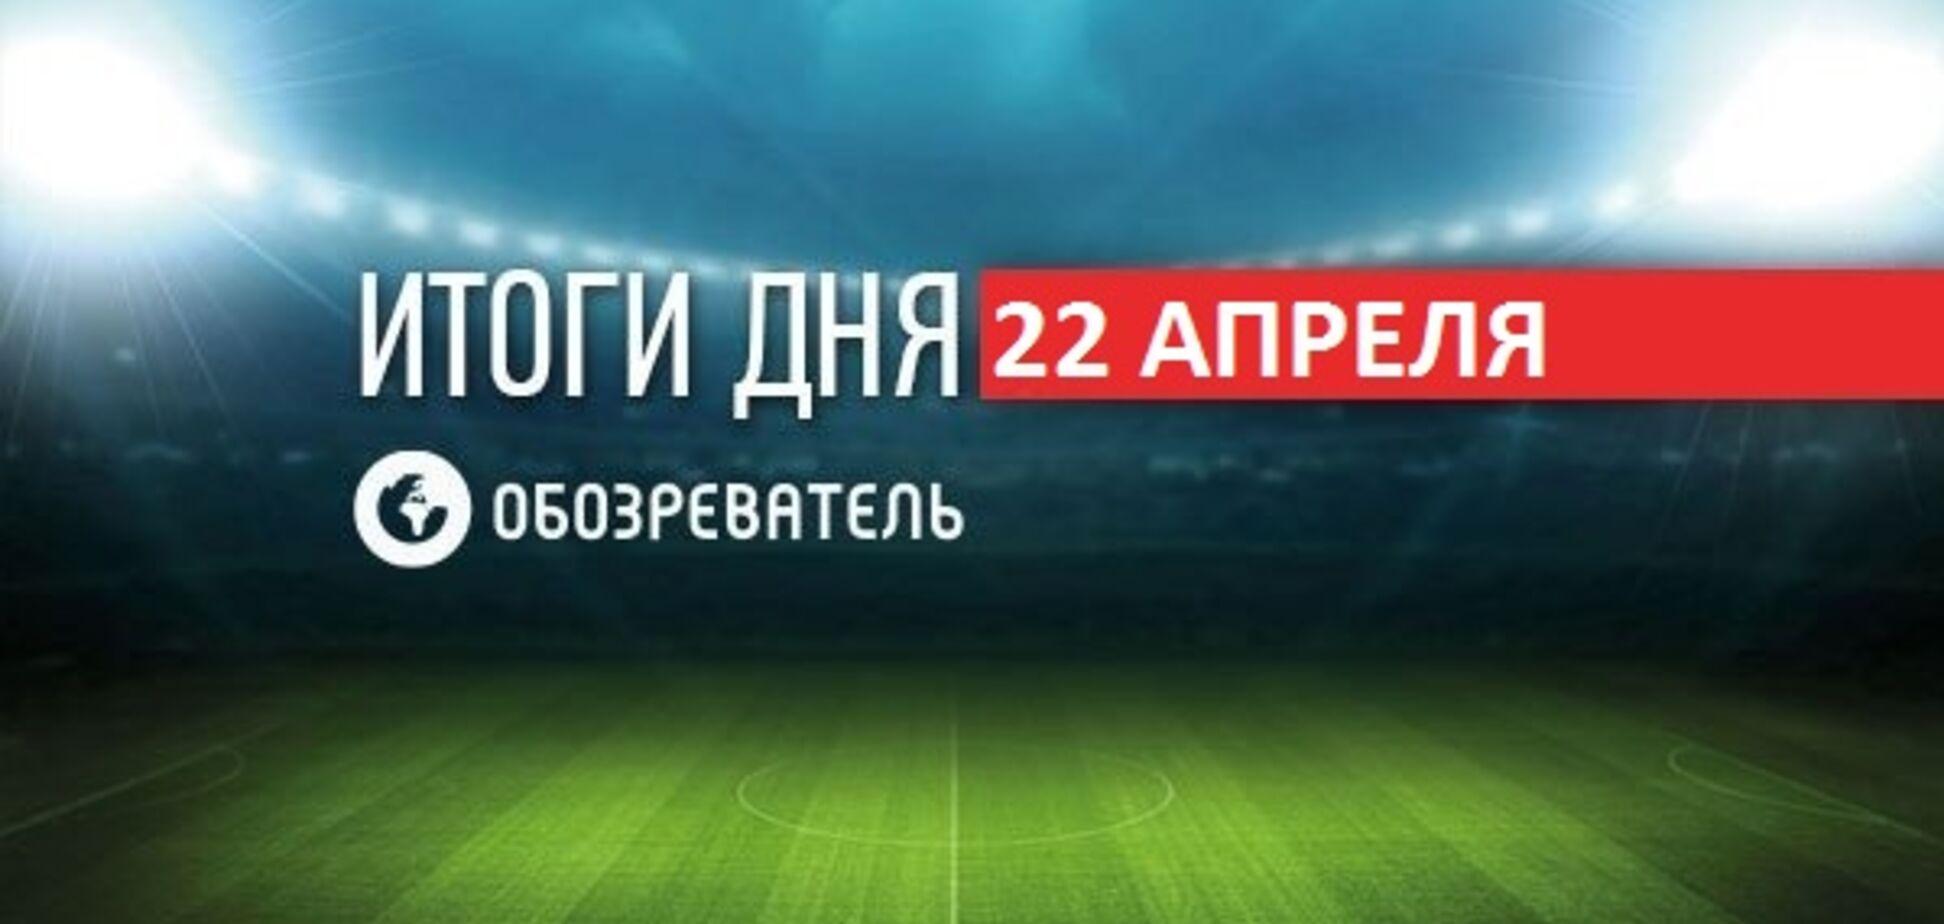 Невзоров висміяв Соловйова через Уткіна: спортивні підсумки 22 квітня